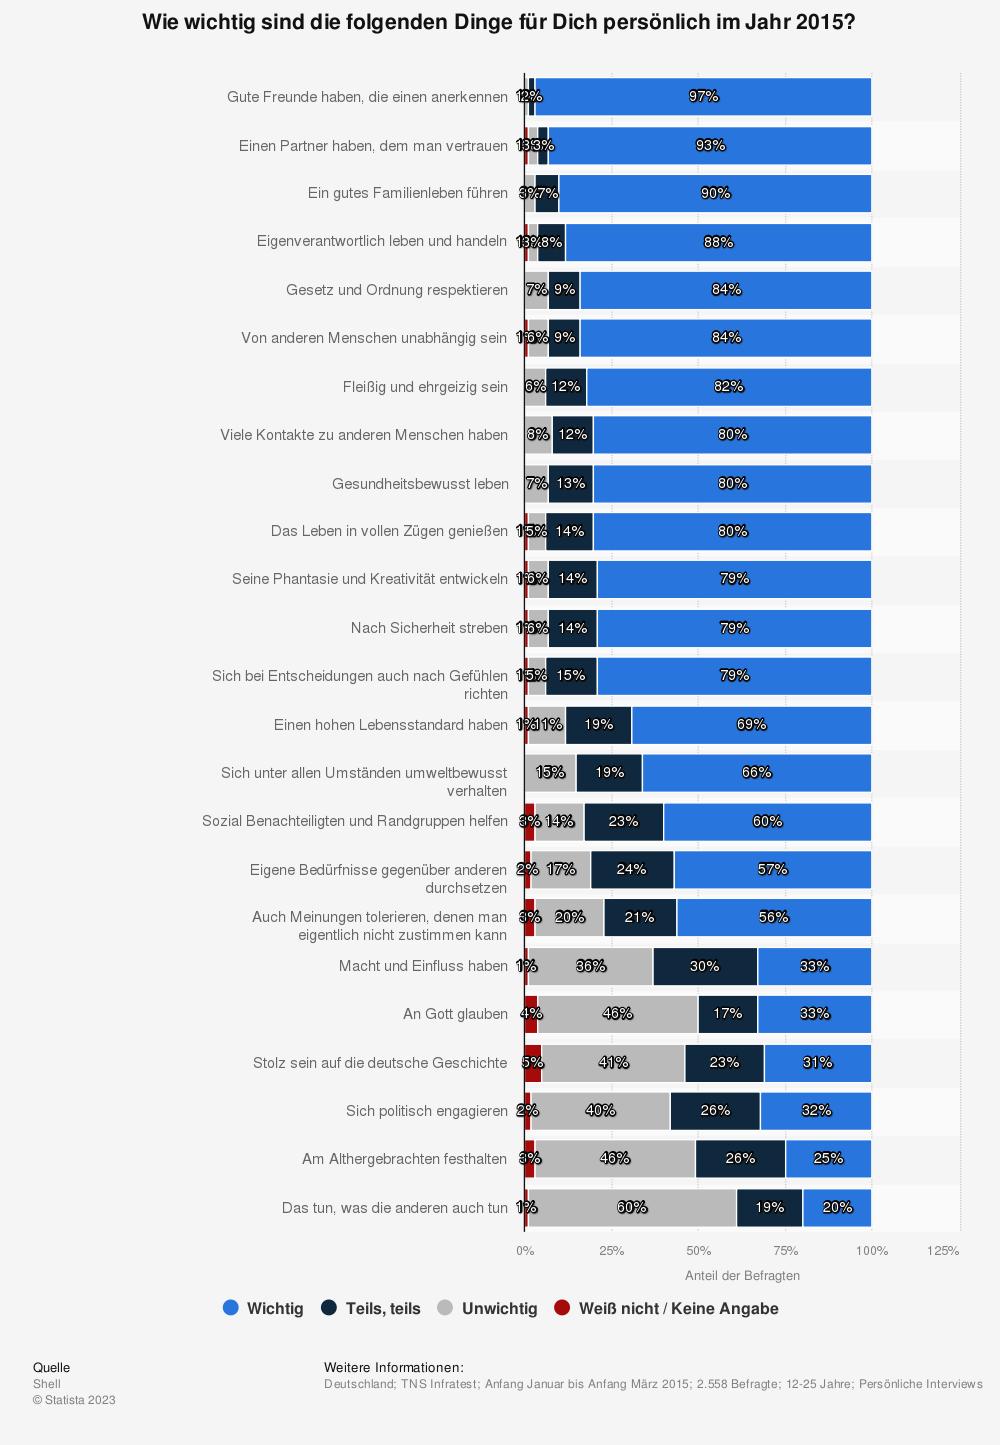 Statistik: Wie wichtig sind die folgenden Dinge für Dich persönlich im Jahr 2015? | Statista